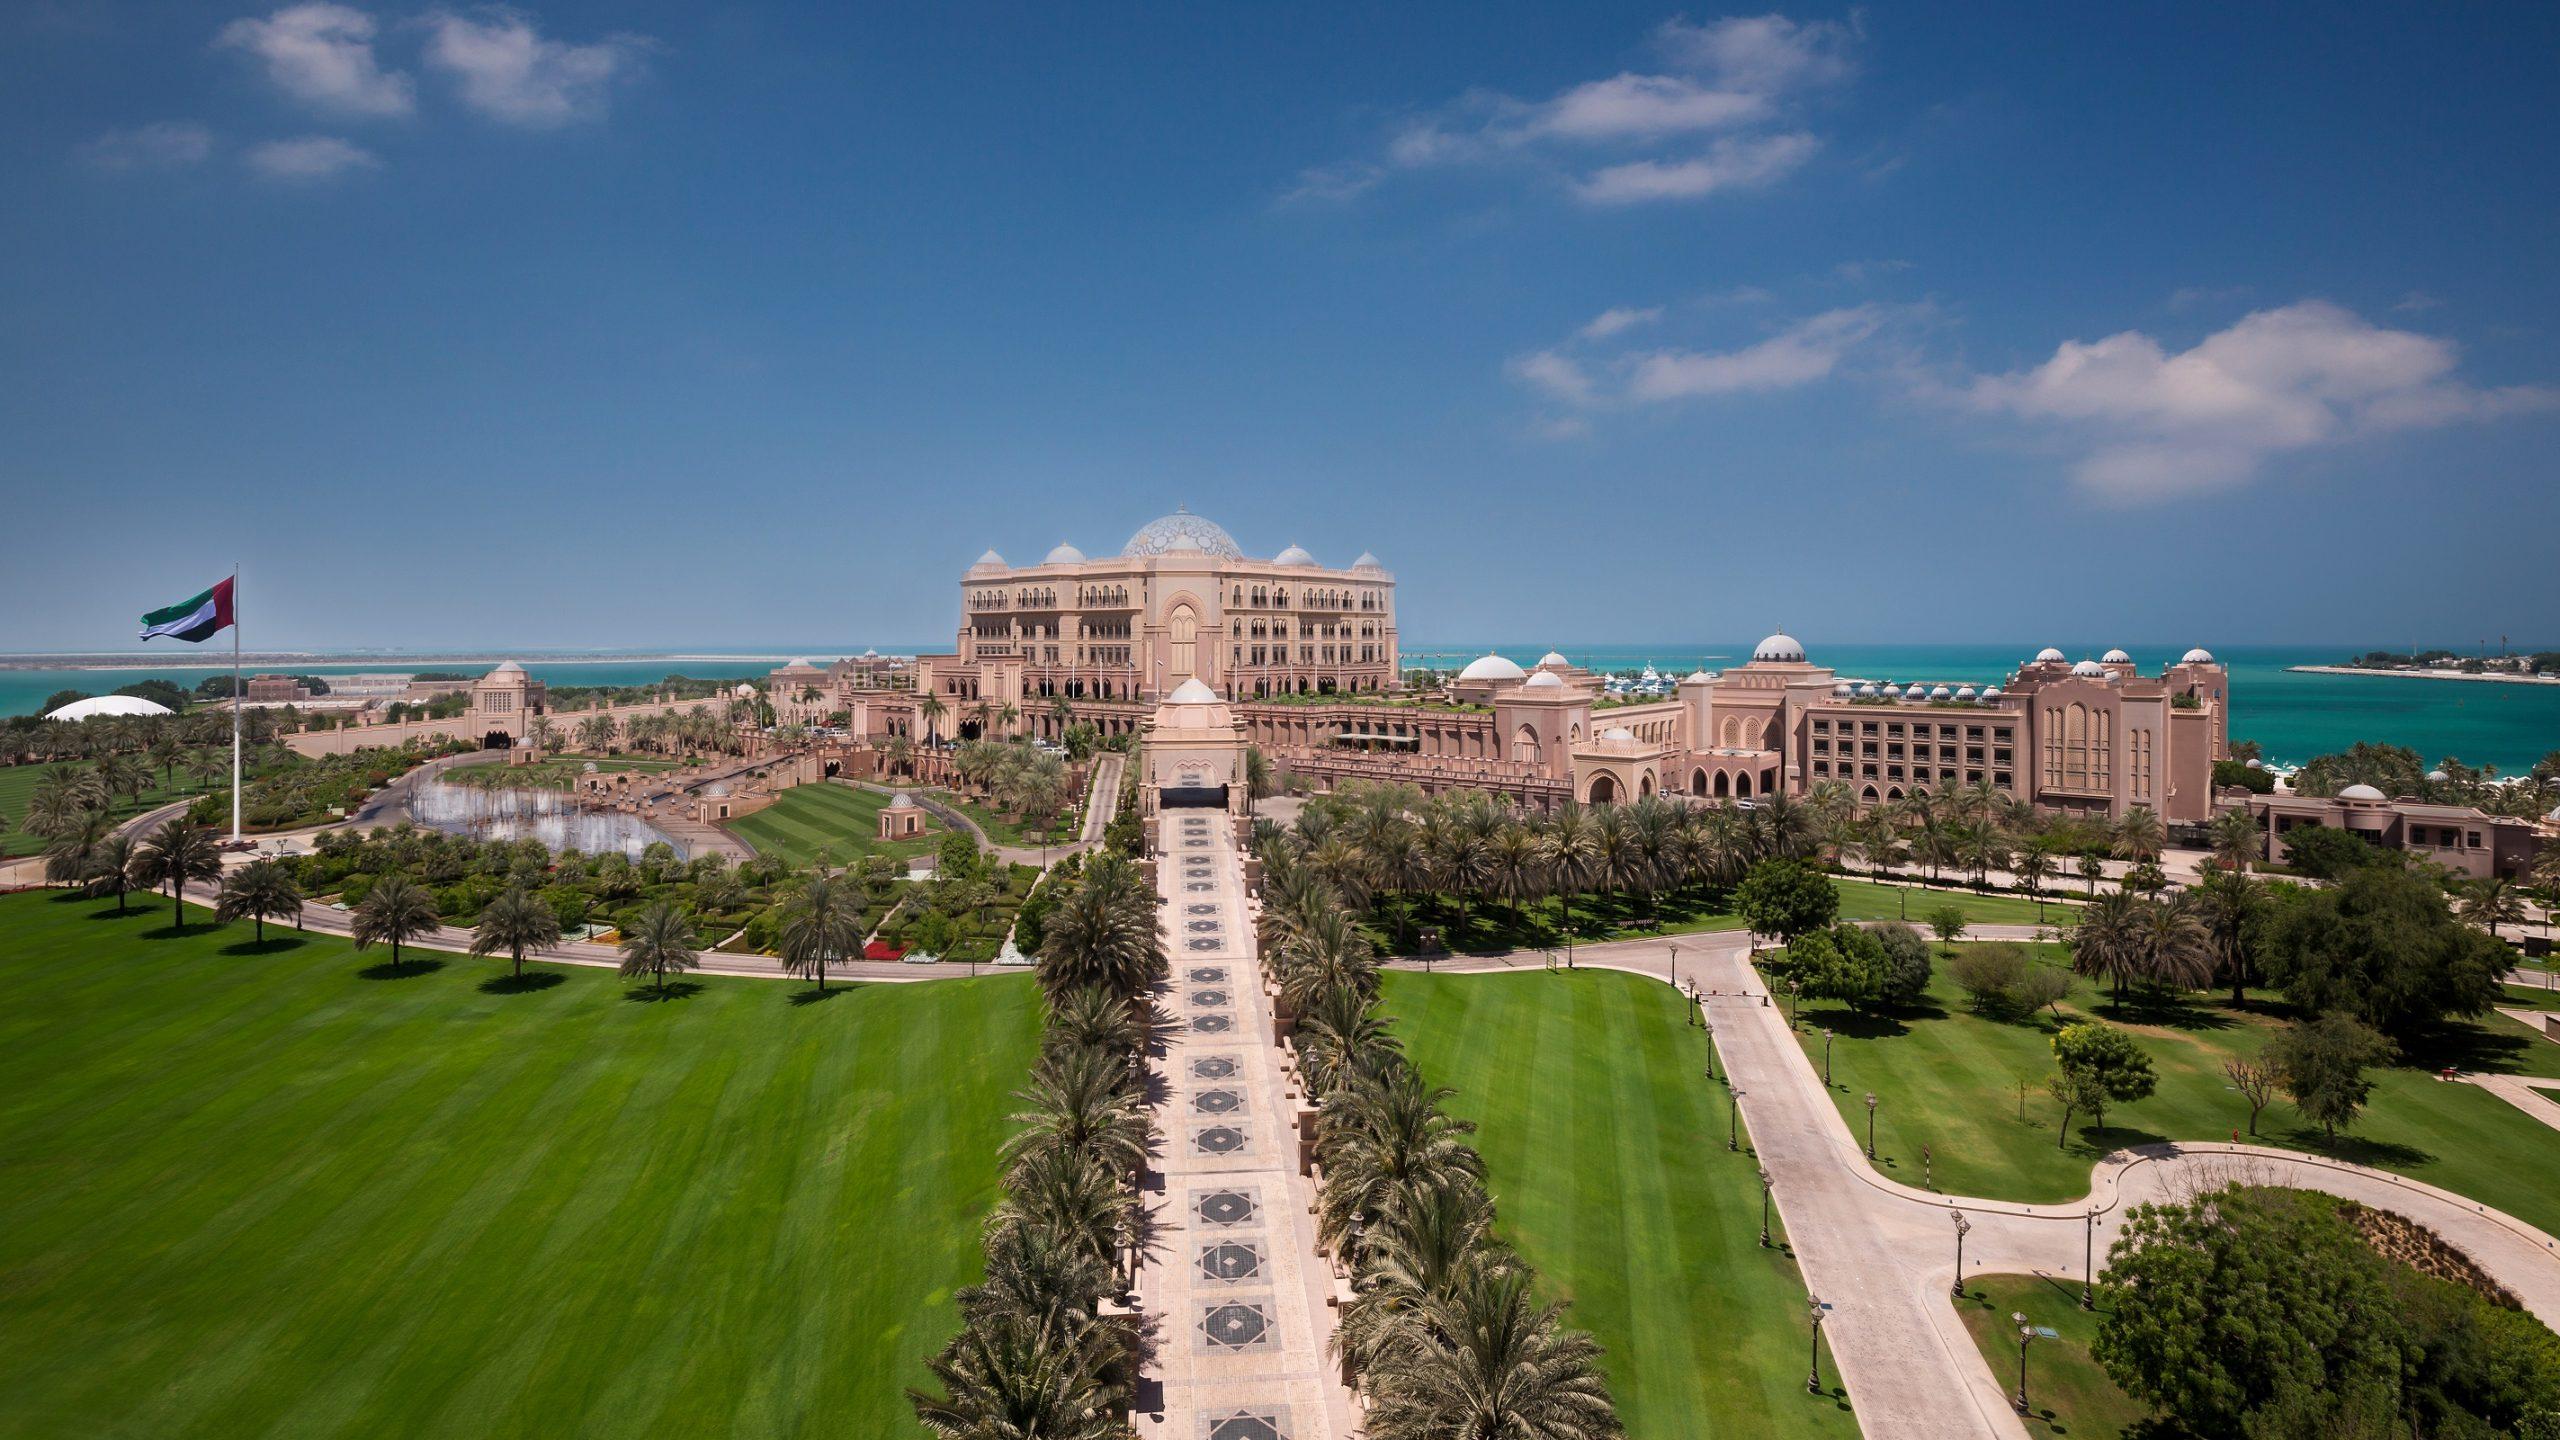 قصر الامارات يوفر للضيوف أجواء مثالية لقضاء عطلة عيد الأضحى